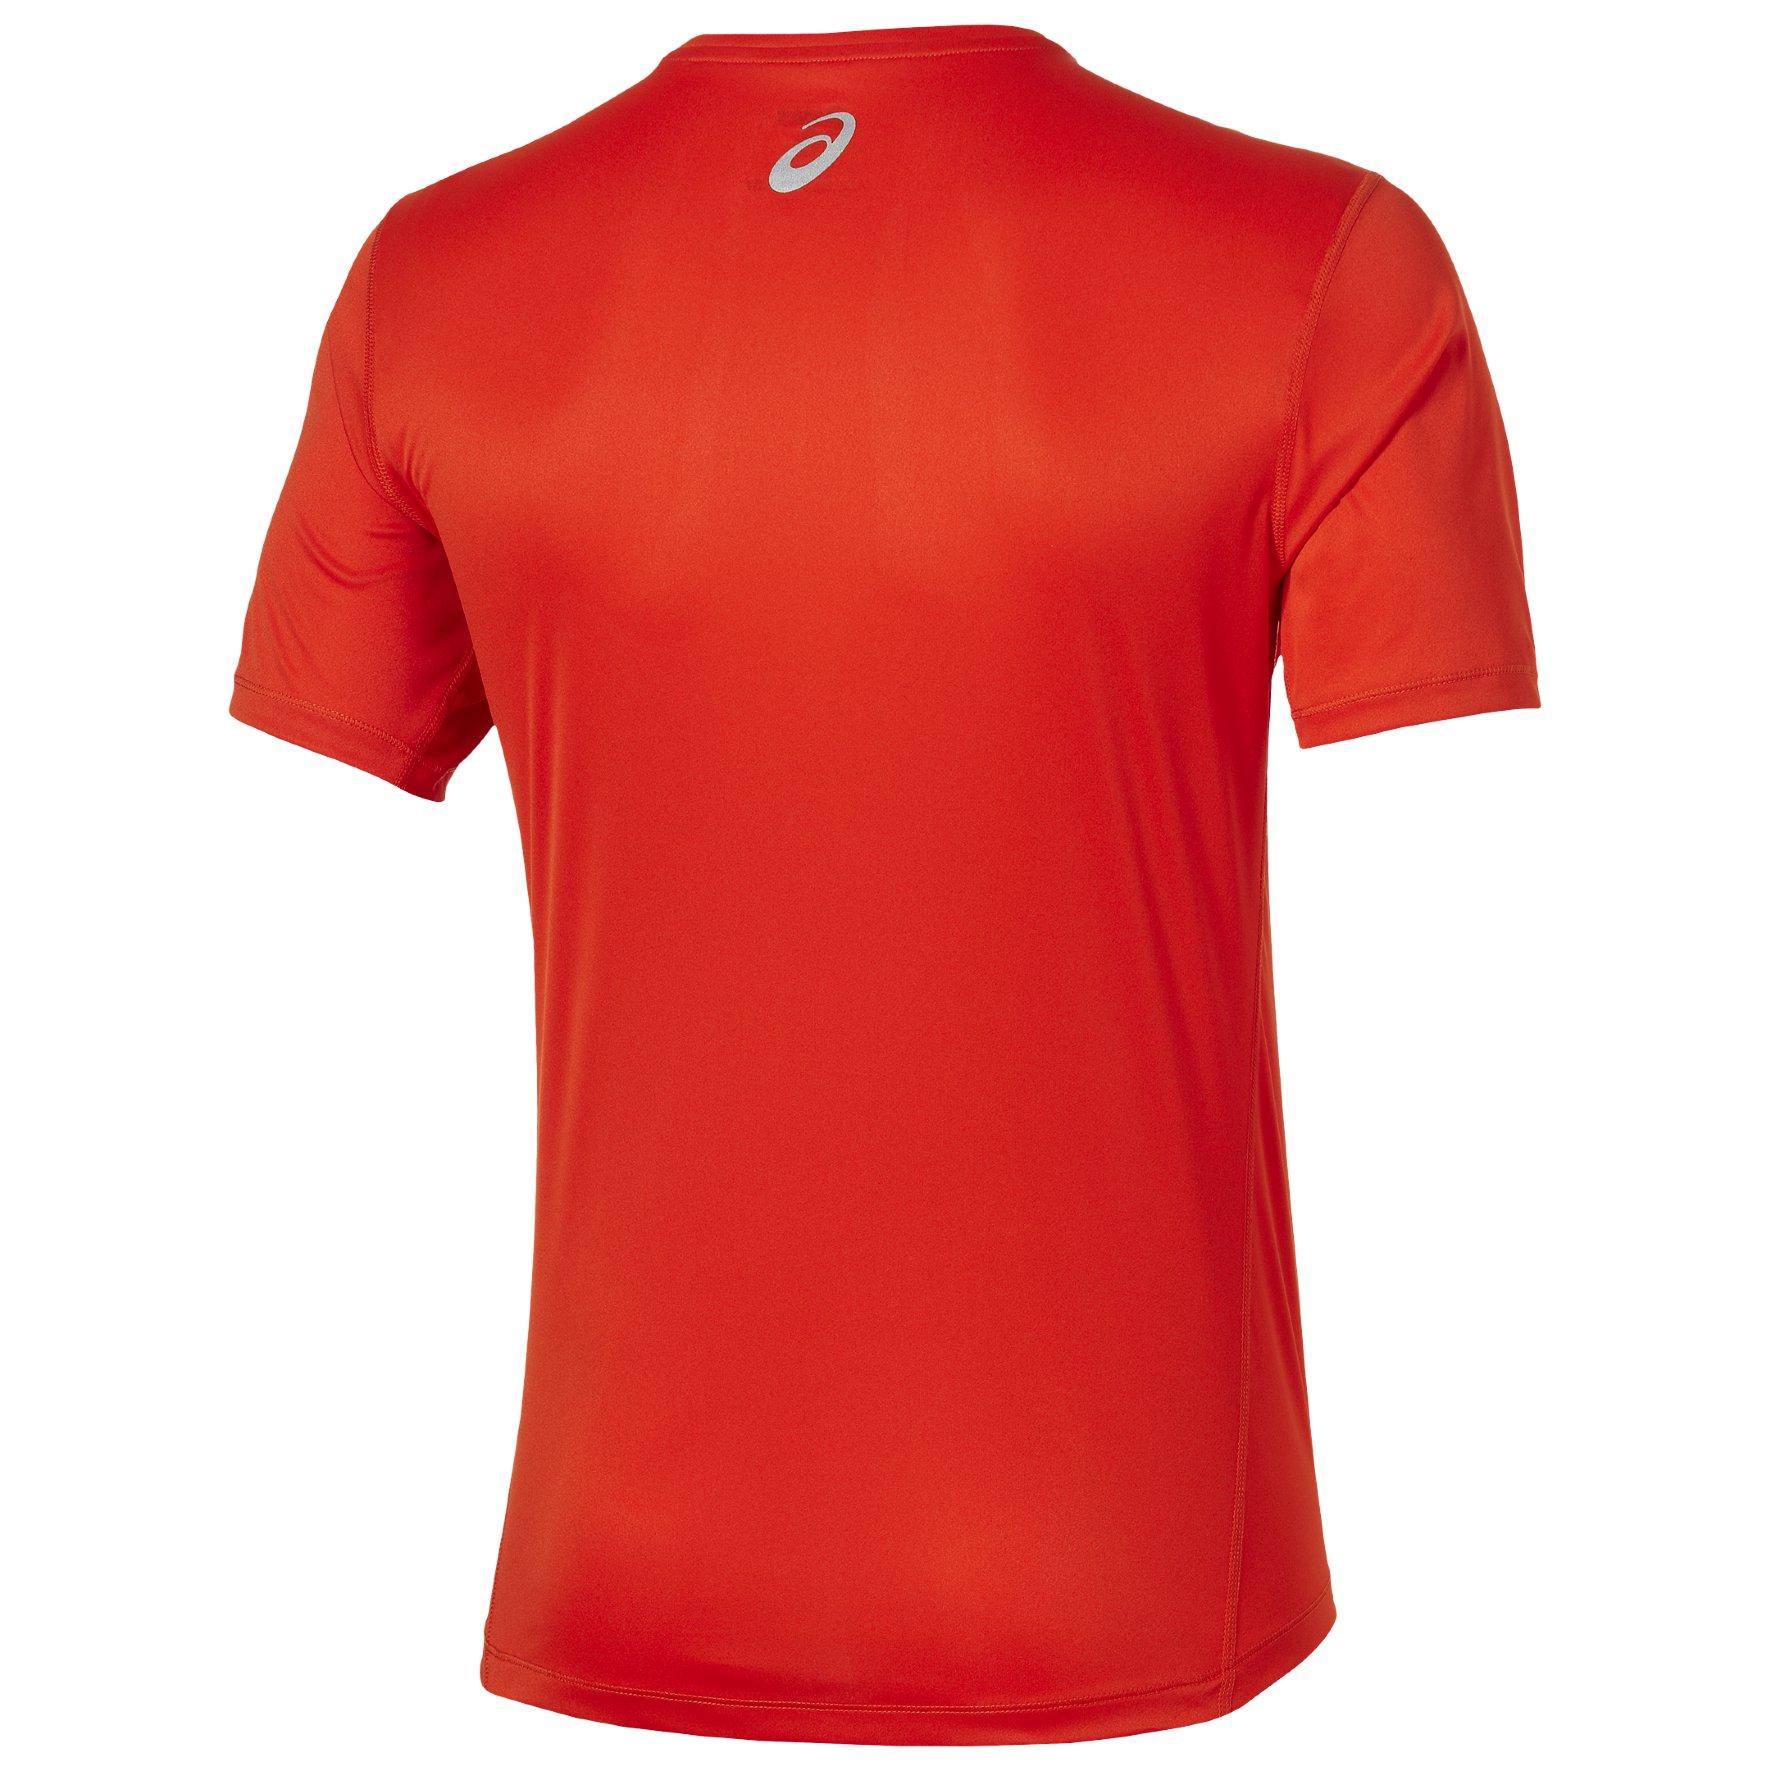 4cff23391620 Купить футболку Asics Short Sleeve Tee   Интернет-магазин ...